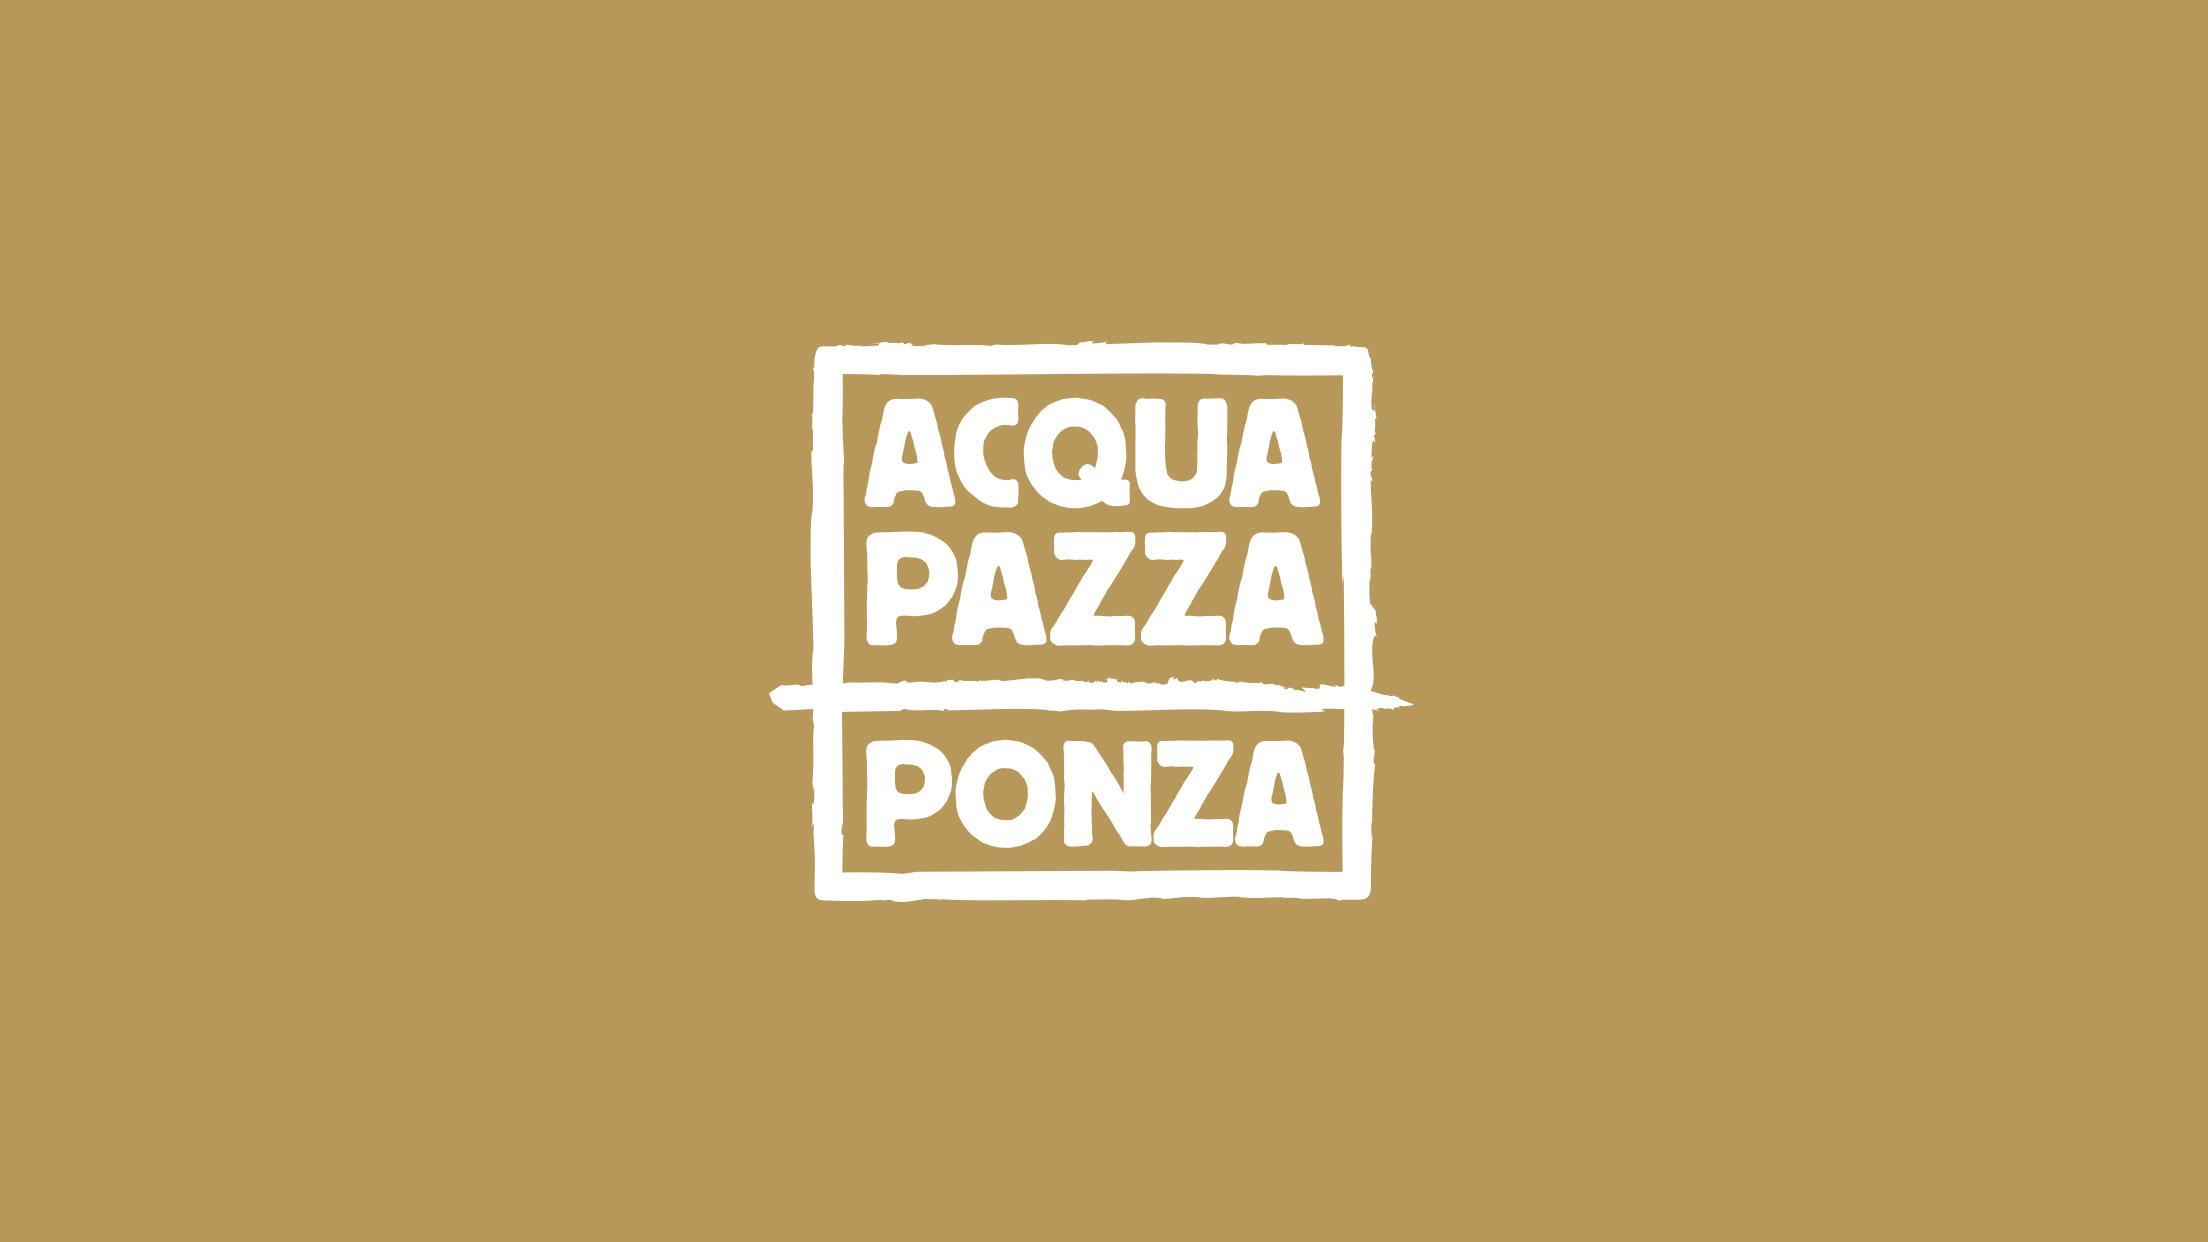 Acqua Pazza - marchio